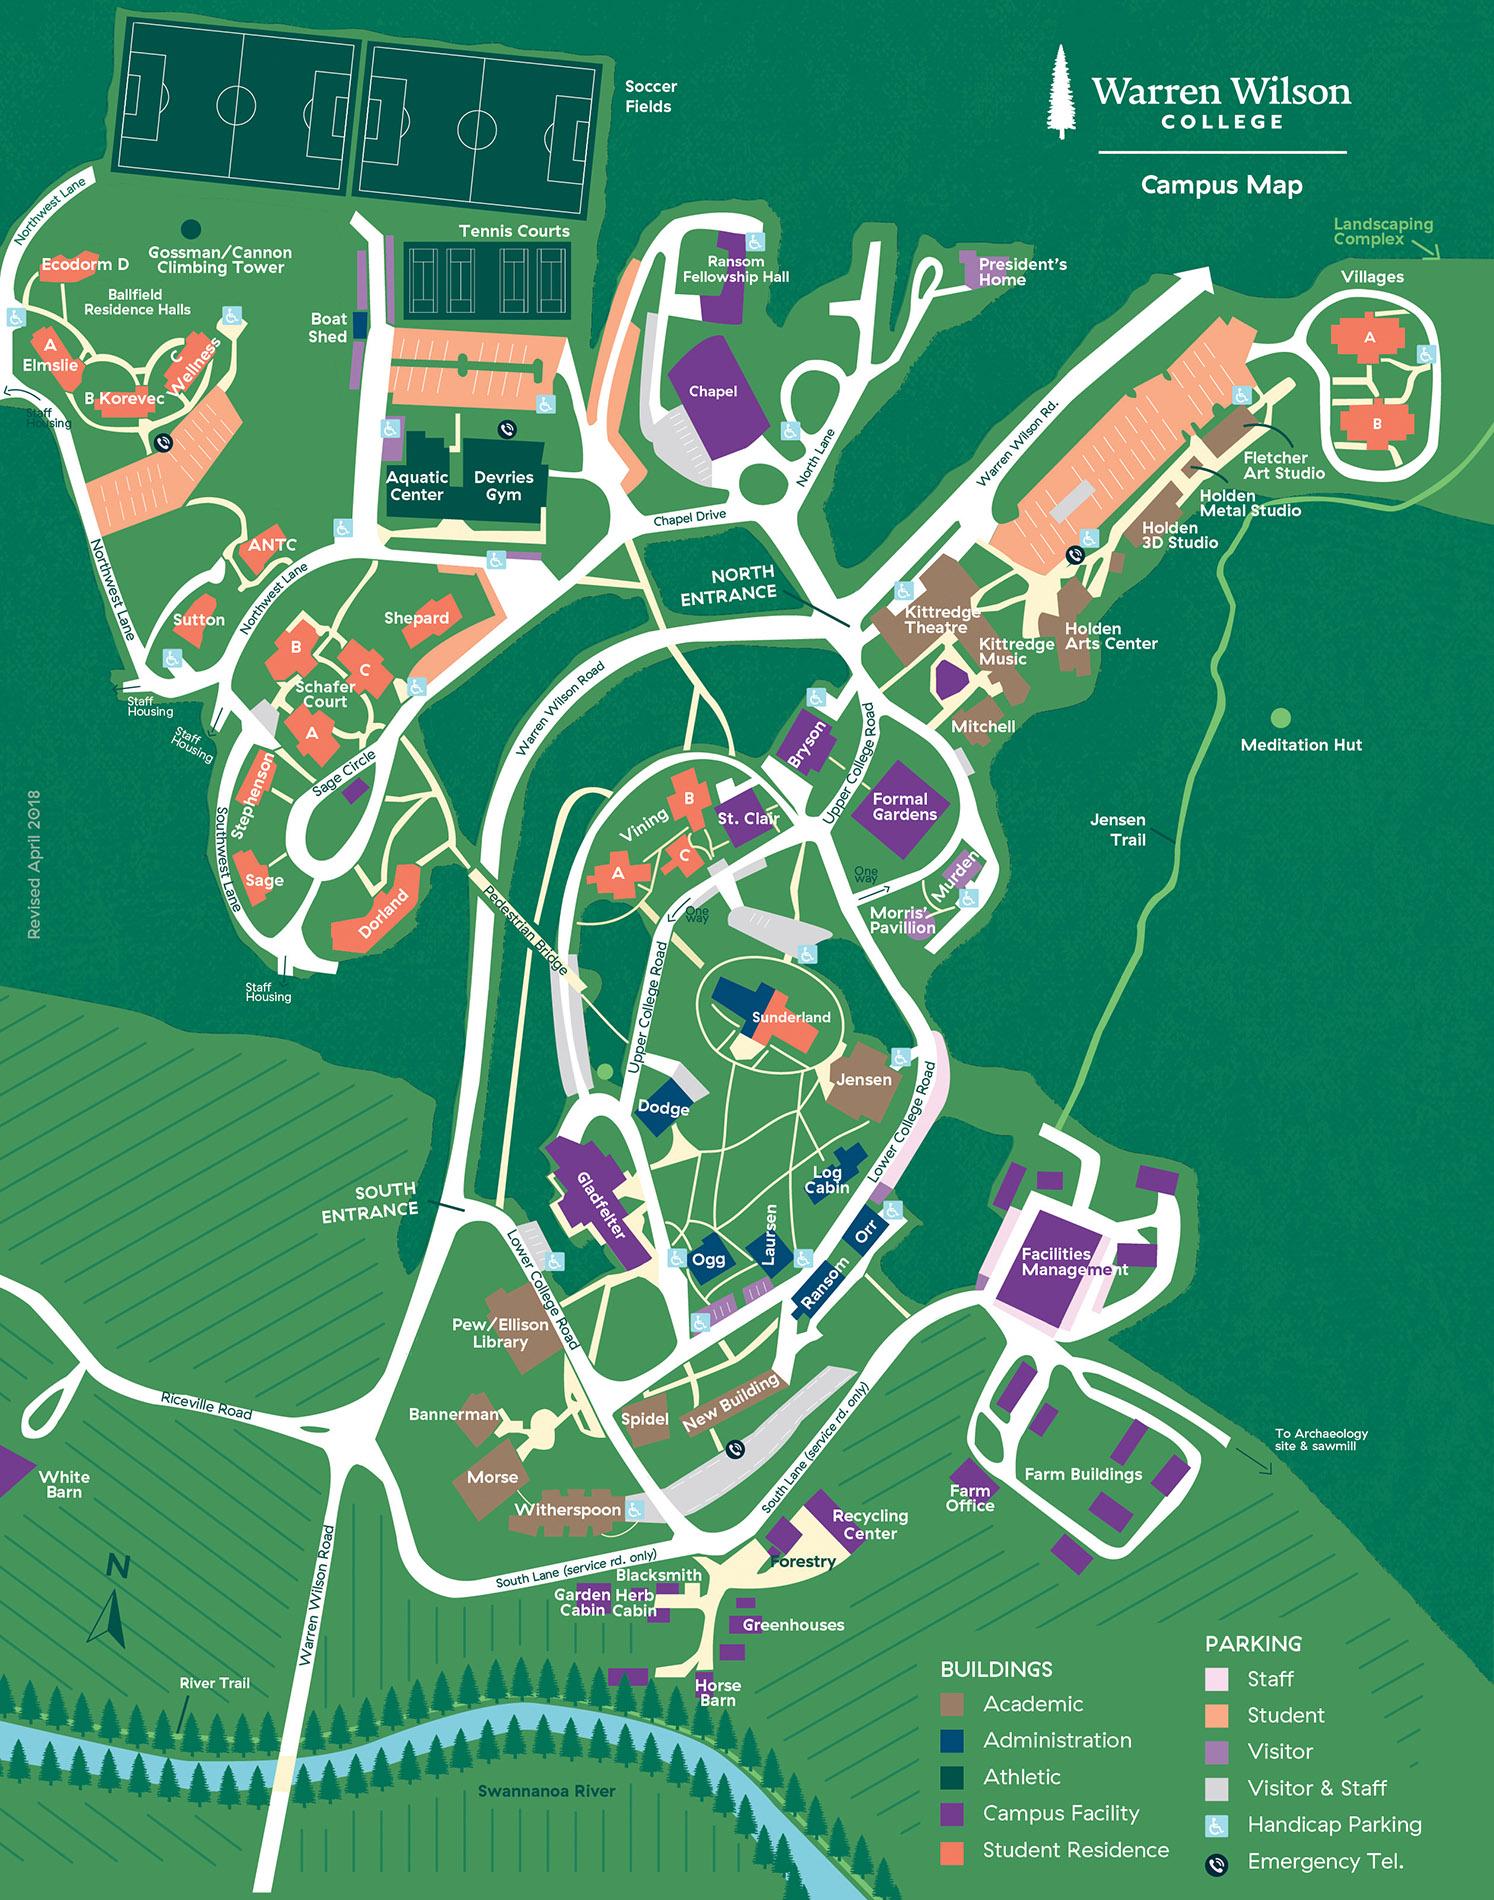 2018 Campus Map - Warren Wilson College on